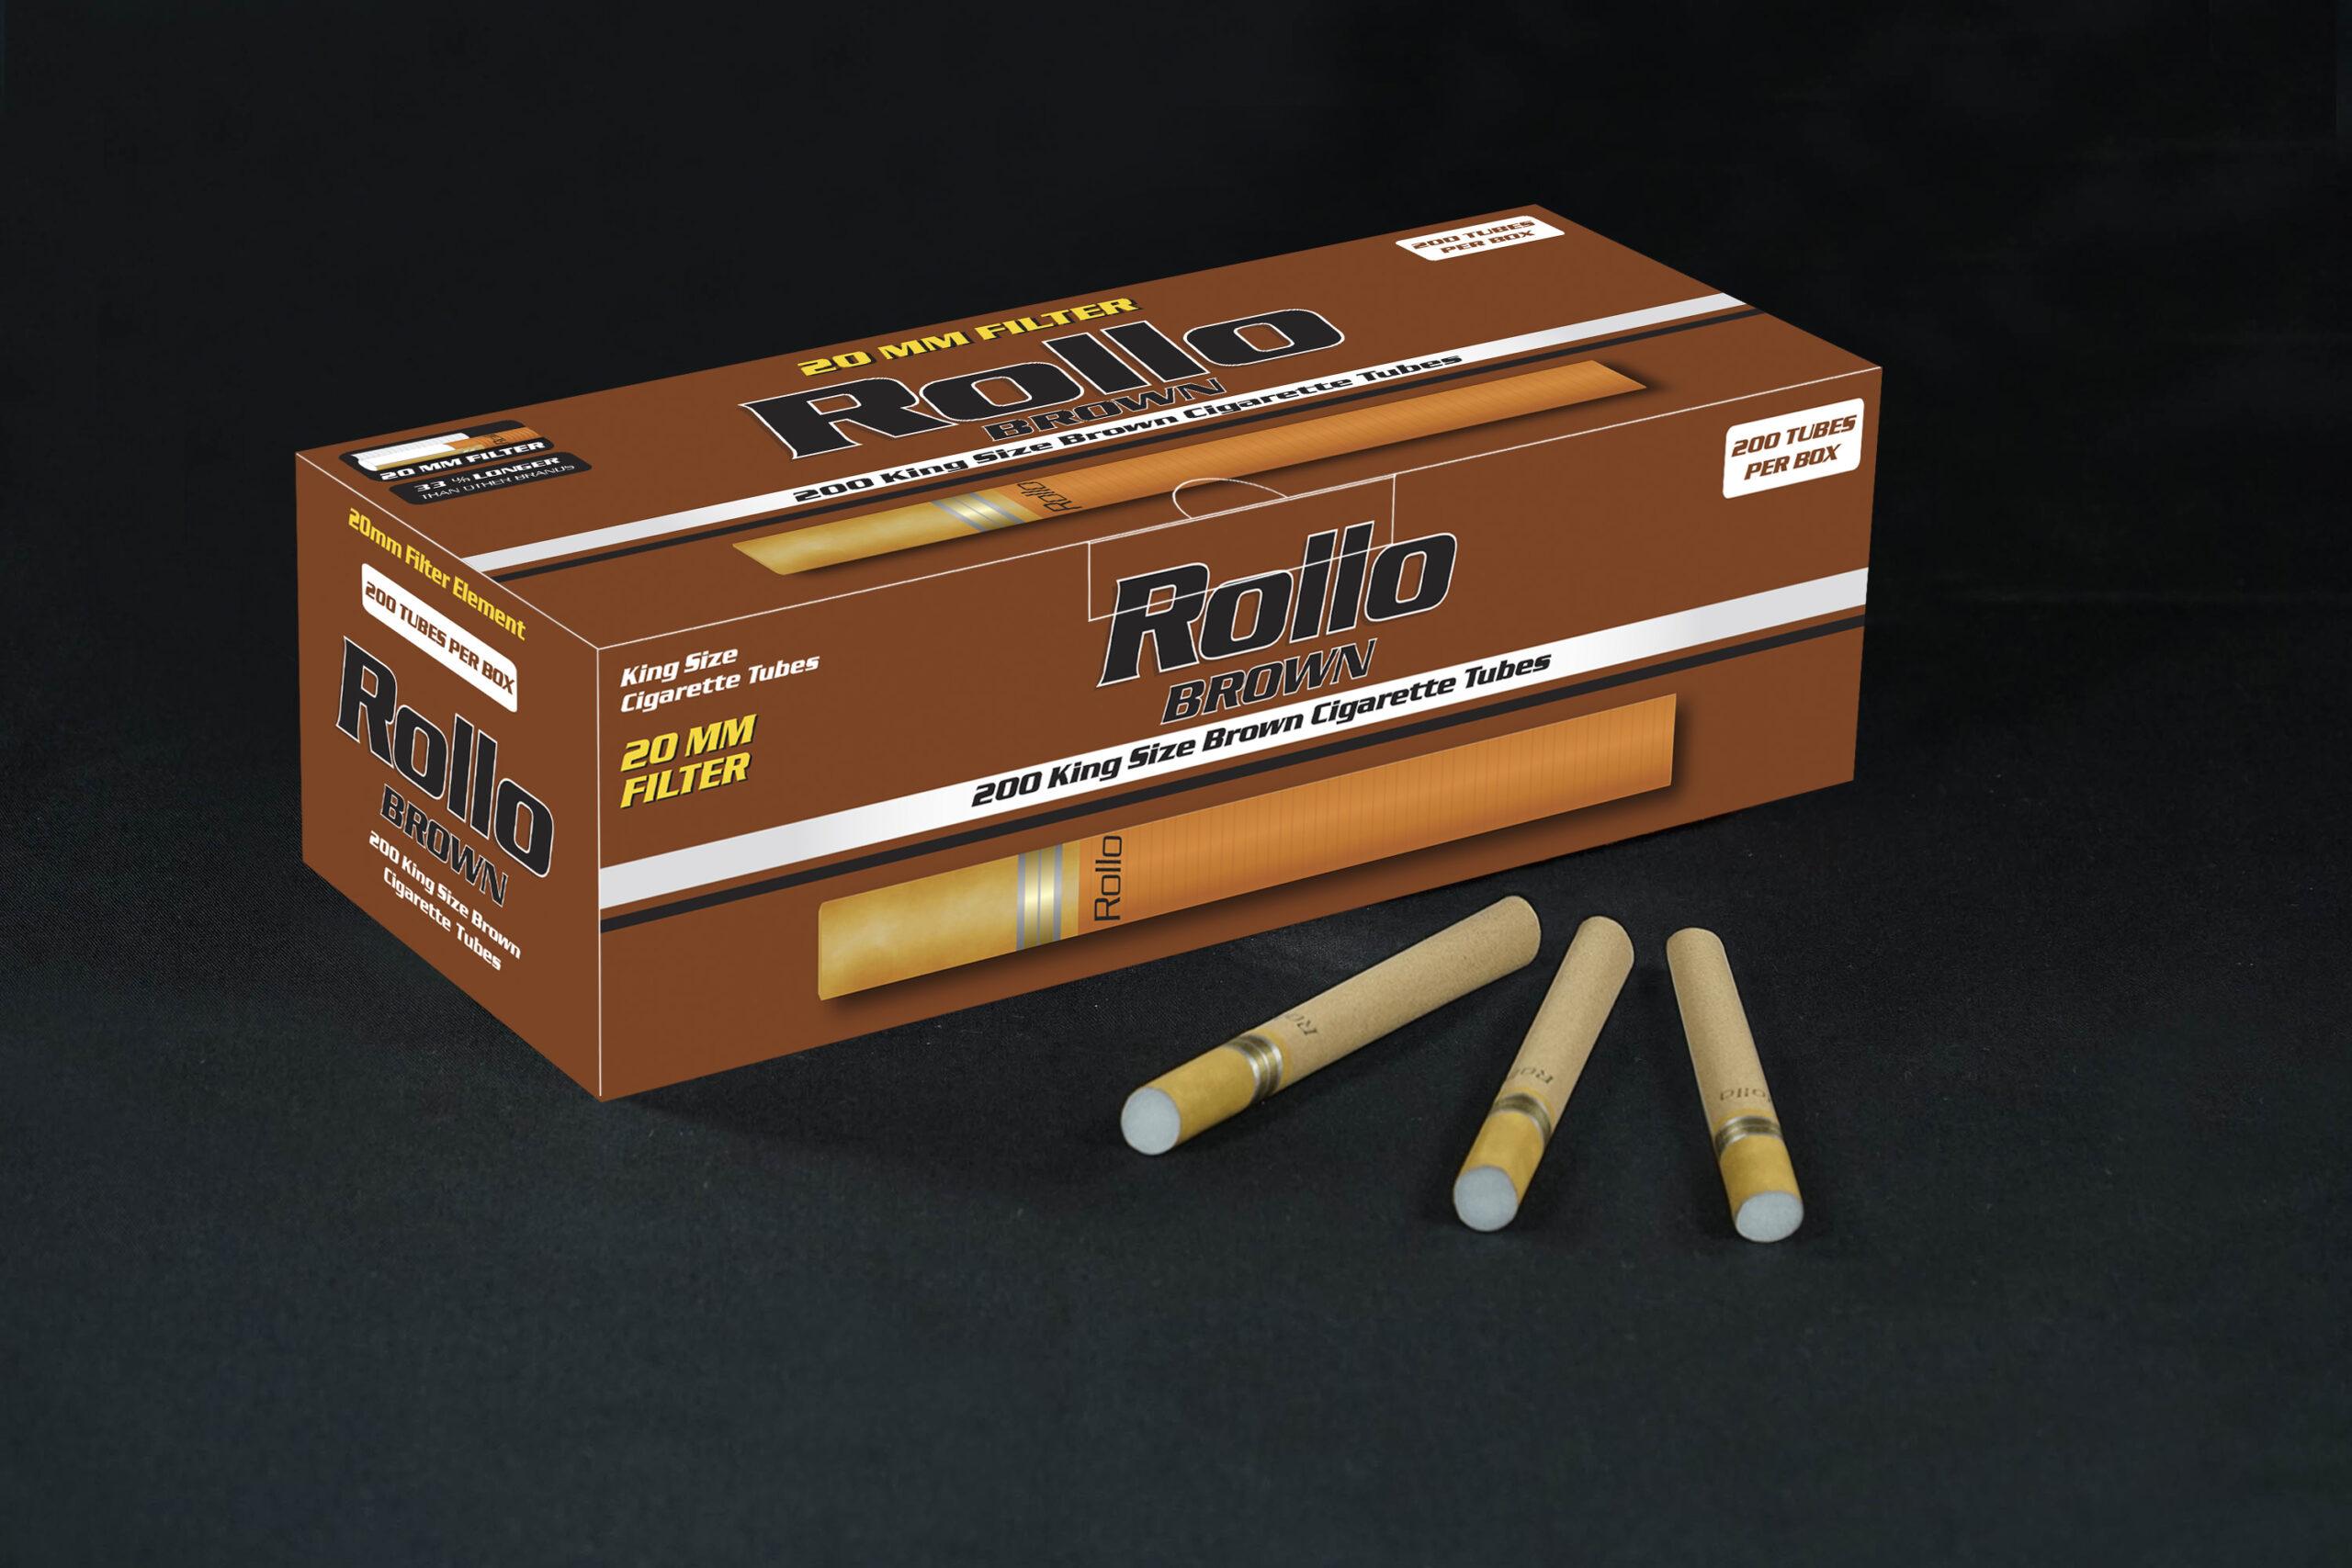 Brown Cigarette Tubes Rollo Brown 200 CT